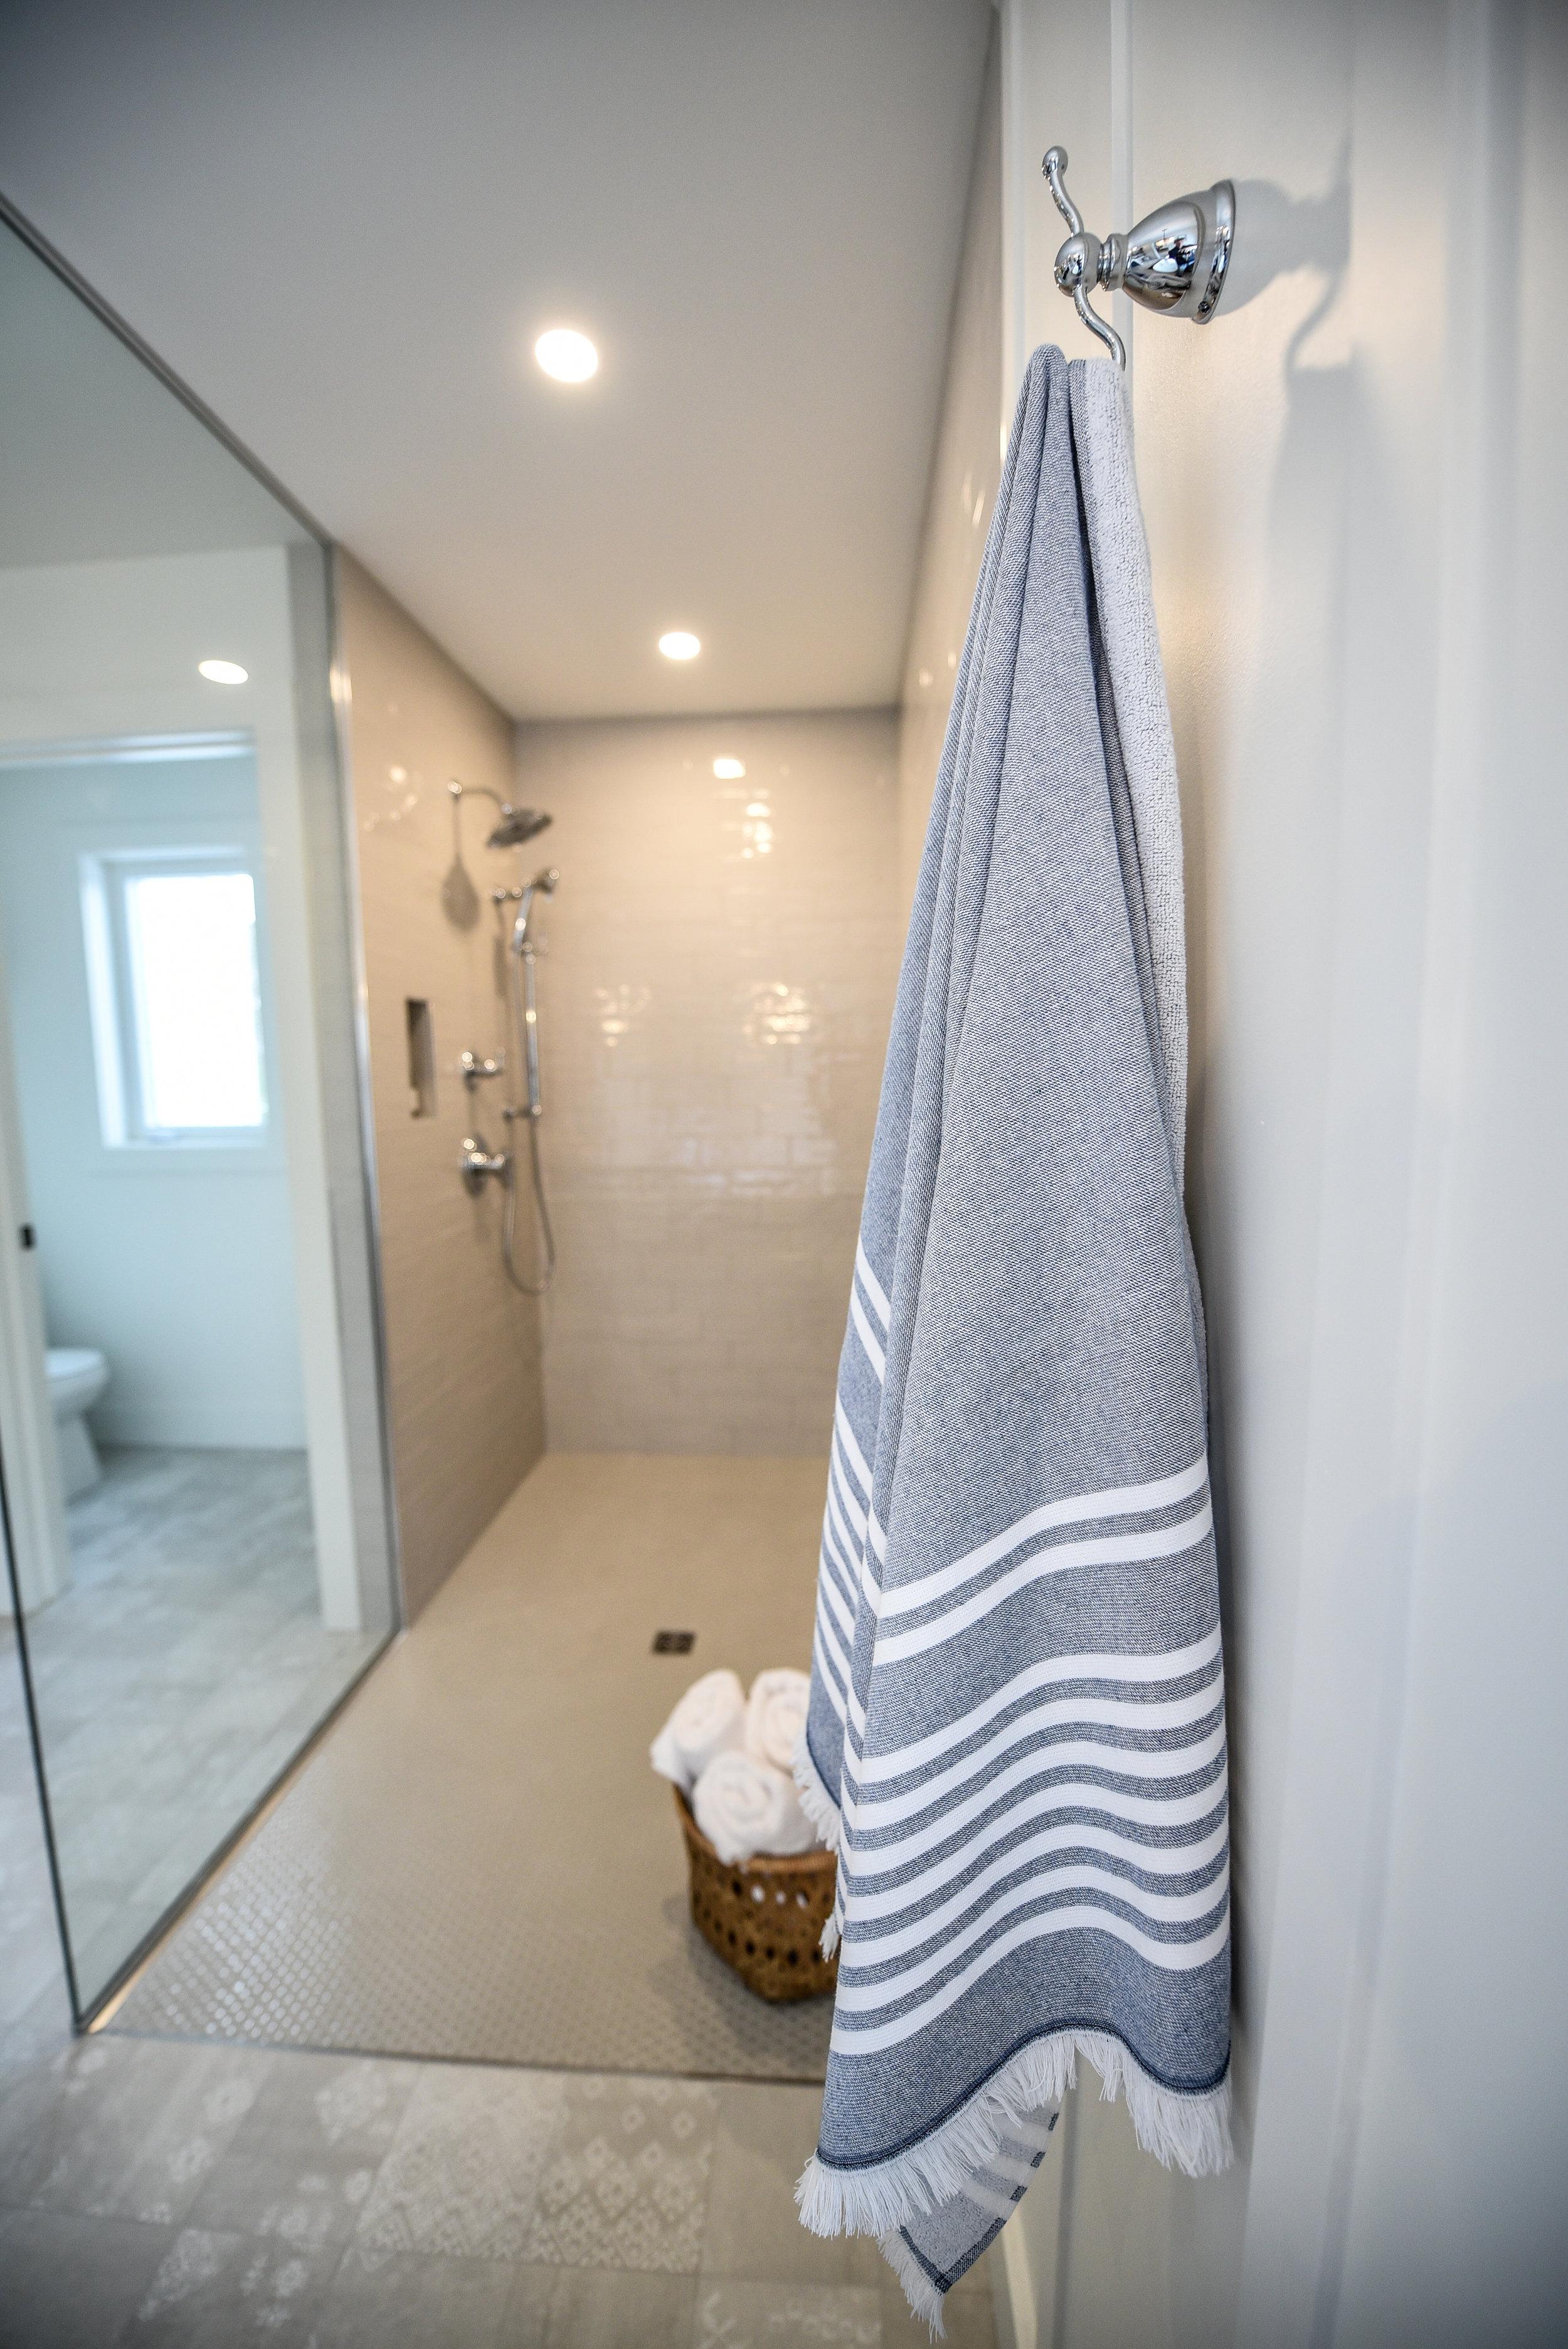 Bathroom Detail 9144.jpg